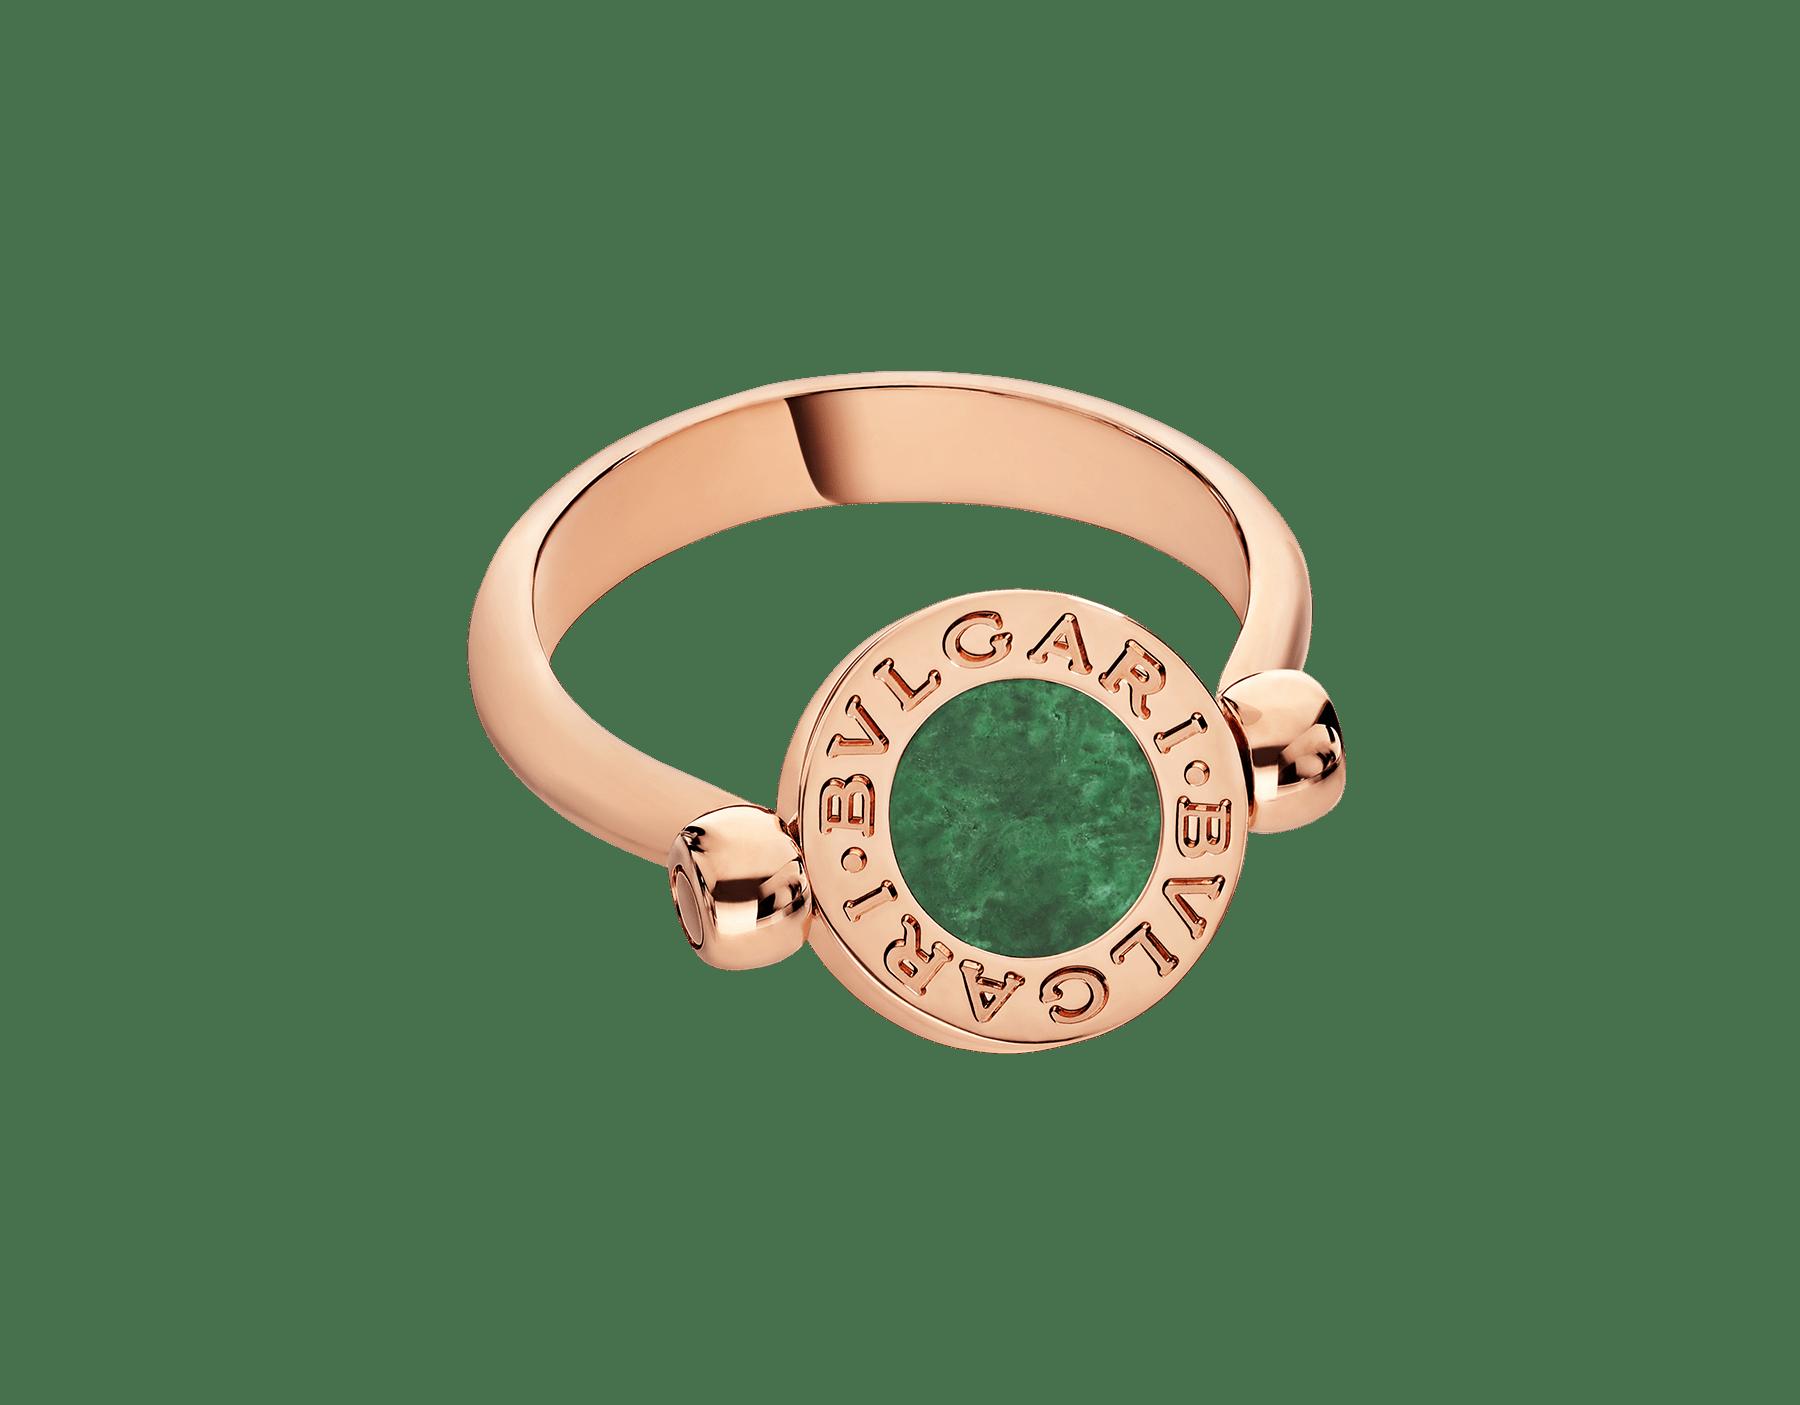 Bague réversible BVLGARI BVLGARI en or rose 18K sertie d'éléments en jade et pavé diamants AN857356 image 2